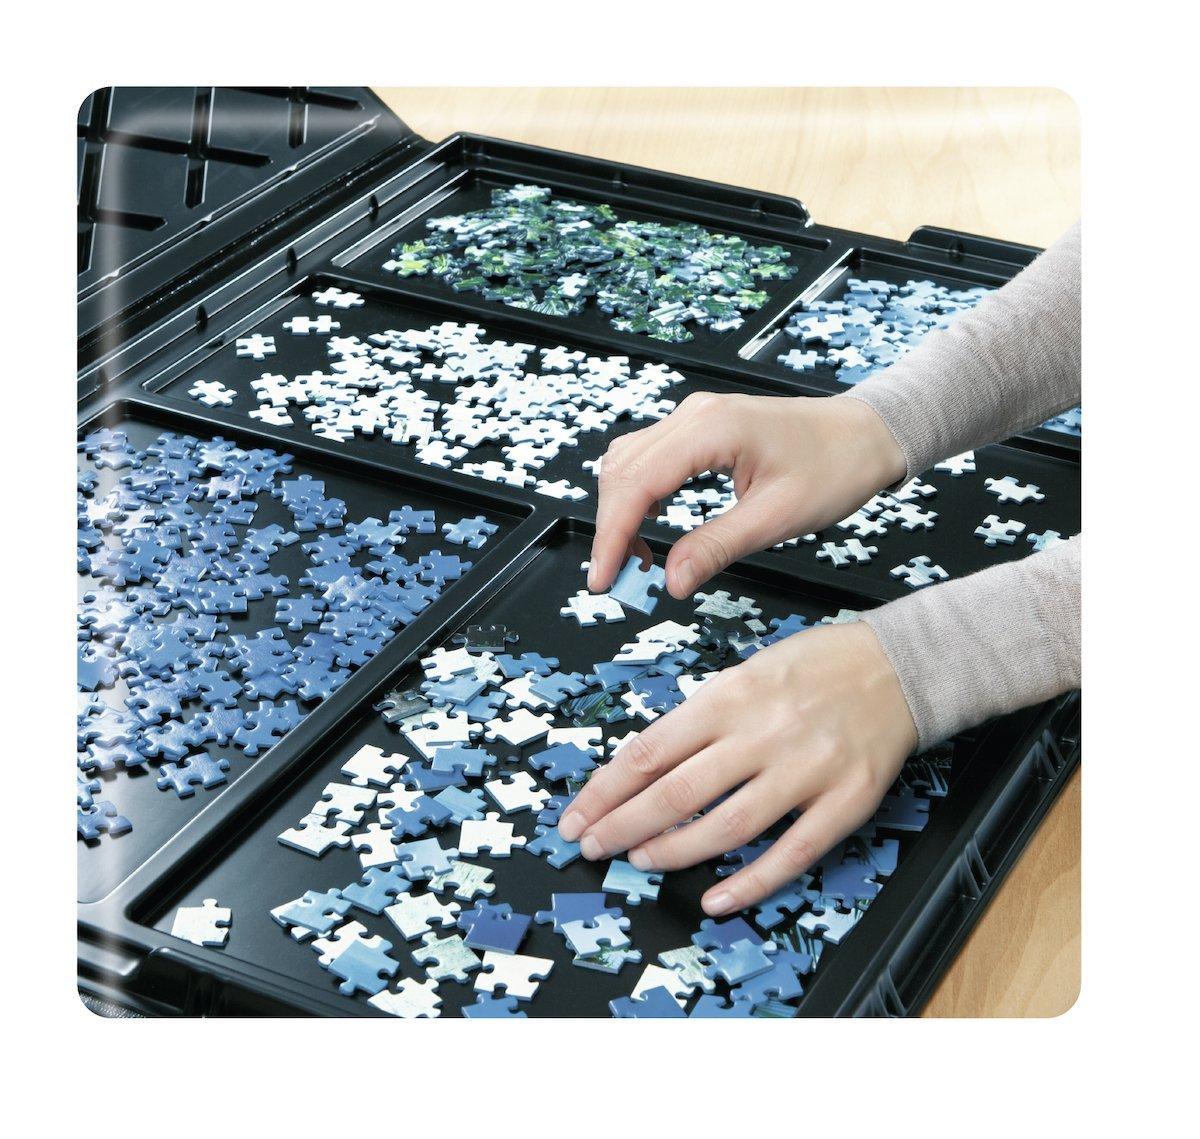 http://data.my-puzzle.fr/ravensburger.5/porte-puzzle-de-300-a-1000-pieces-trieurs-de-pieces.55074-1.fs.jpg